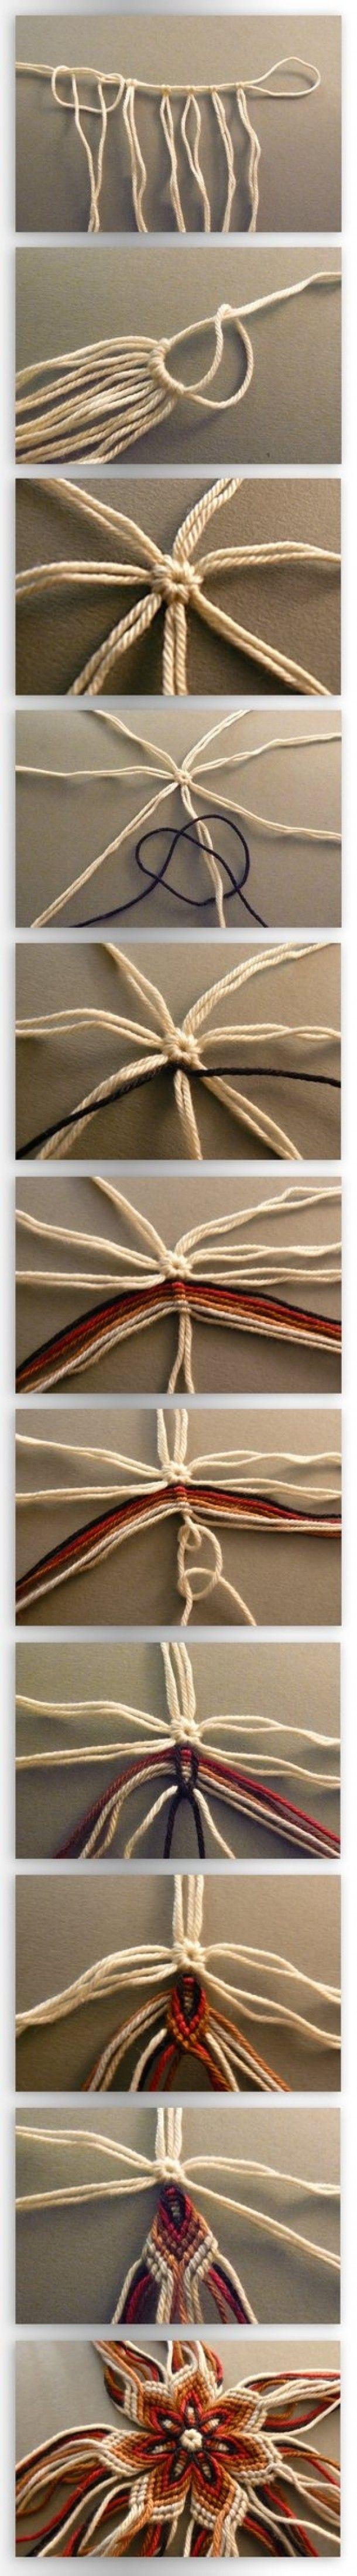 Ook een handige basis om bijvoorbeeld touw om een fles te knopen net als een hooinet. Door mafra